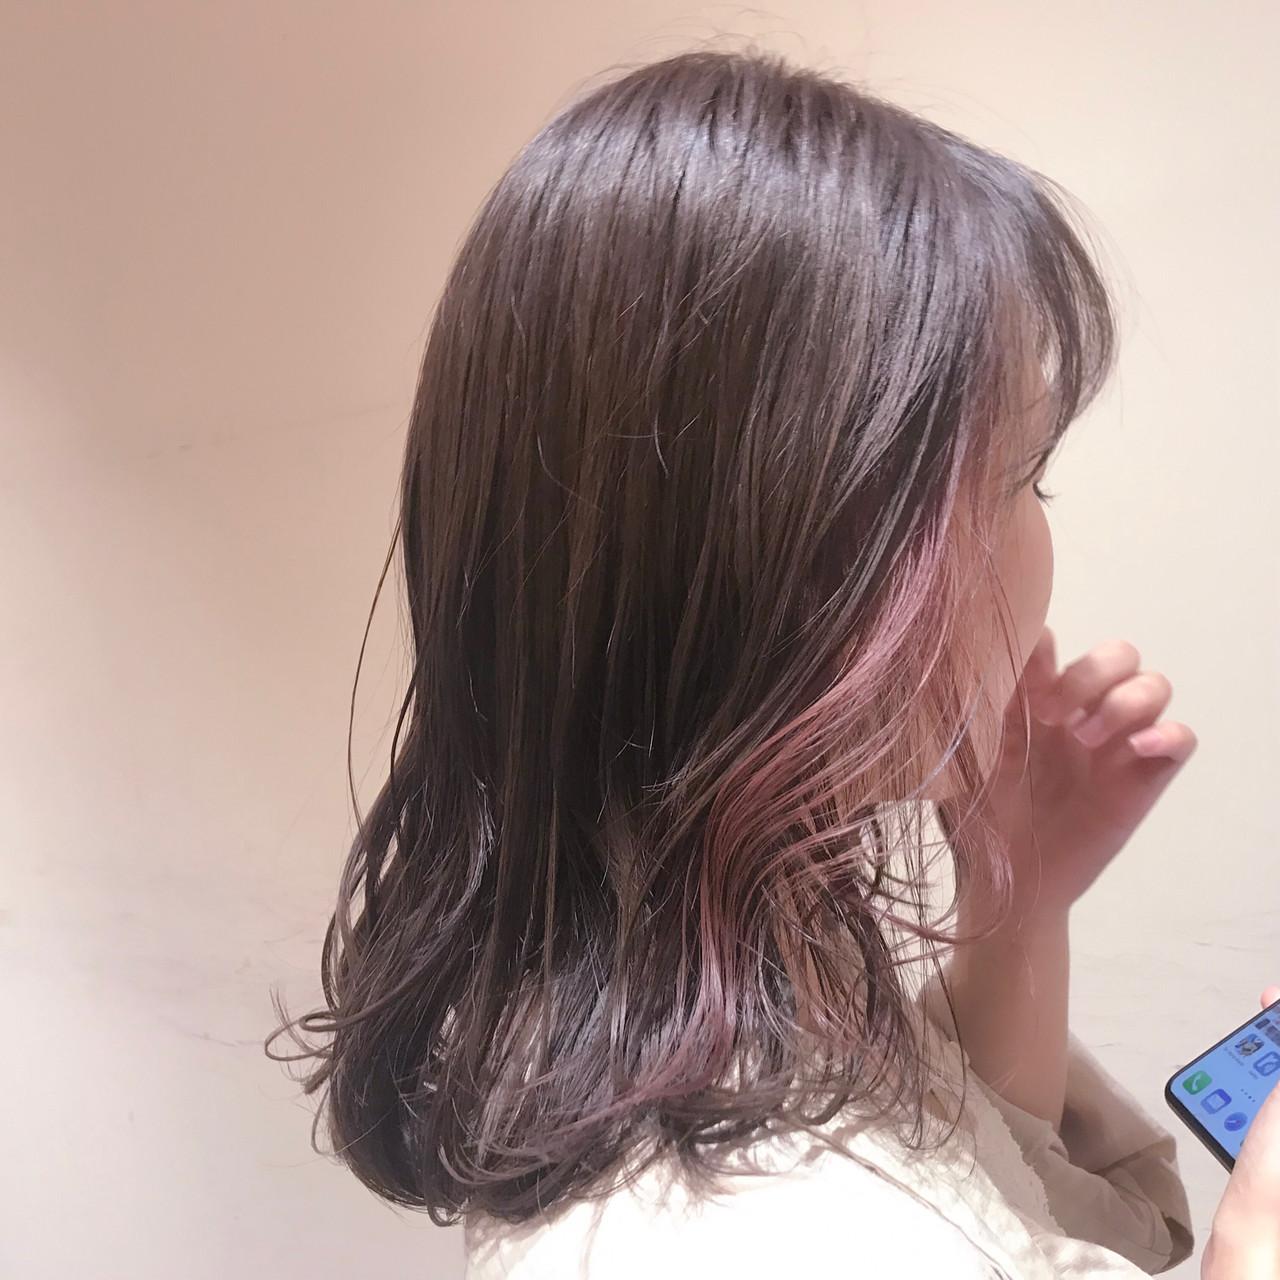 ラベンダーピンク 透明感カラー セミロング ナチュラル ヘアスタイルや髪型の写真・画像